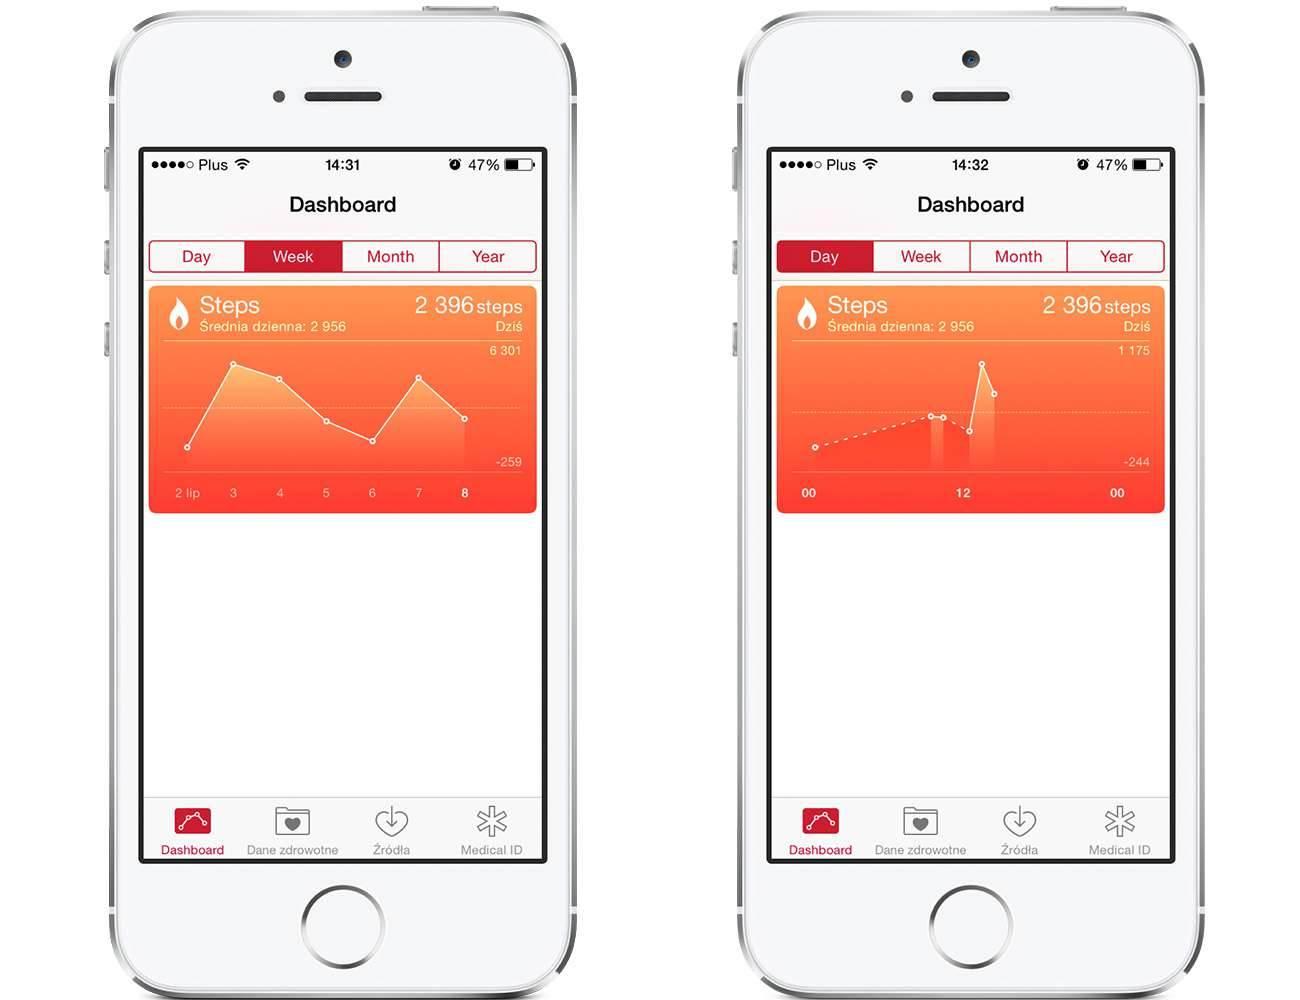 """Aplikacja """"Zdrowie"""" zyskuje nowe funkcje  ciekawostki Zdrowie, nowe opcje w Zdrowie, iPhone 5s, iPhone, iPad mini retina, iPad Air, iPad, iOS 8 beta 3, iOS 8 beta, iOS 8, Apple iWatch, Apple  Wczoraj Apple udostępniło trzecią wersję testową iOS8. Dzięki temu aplikacja Zdrowie ma teraz dostęp do procesora M7 i może liczyć nasze kroki. Zdrowie"""